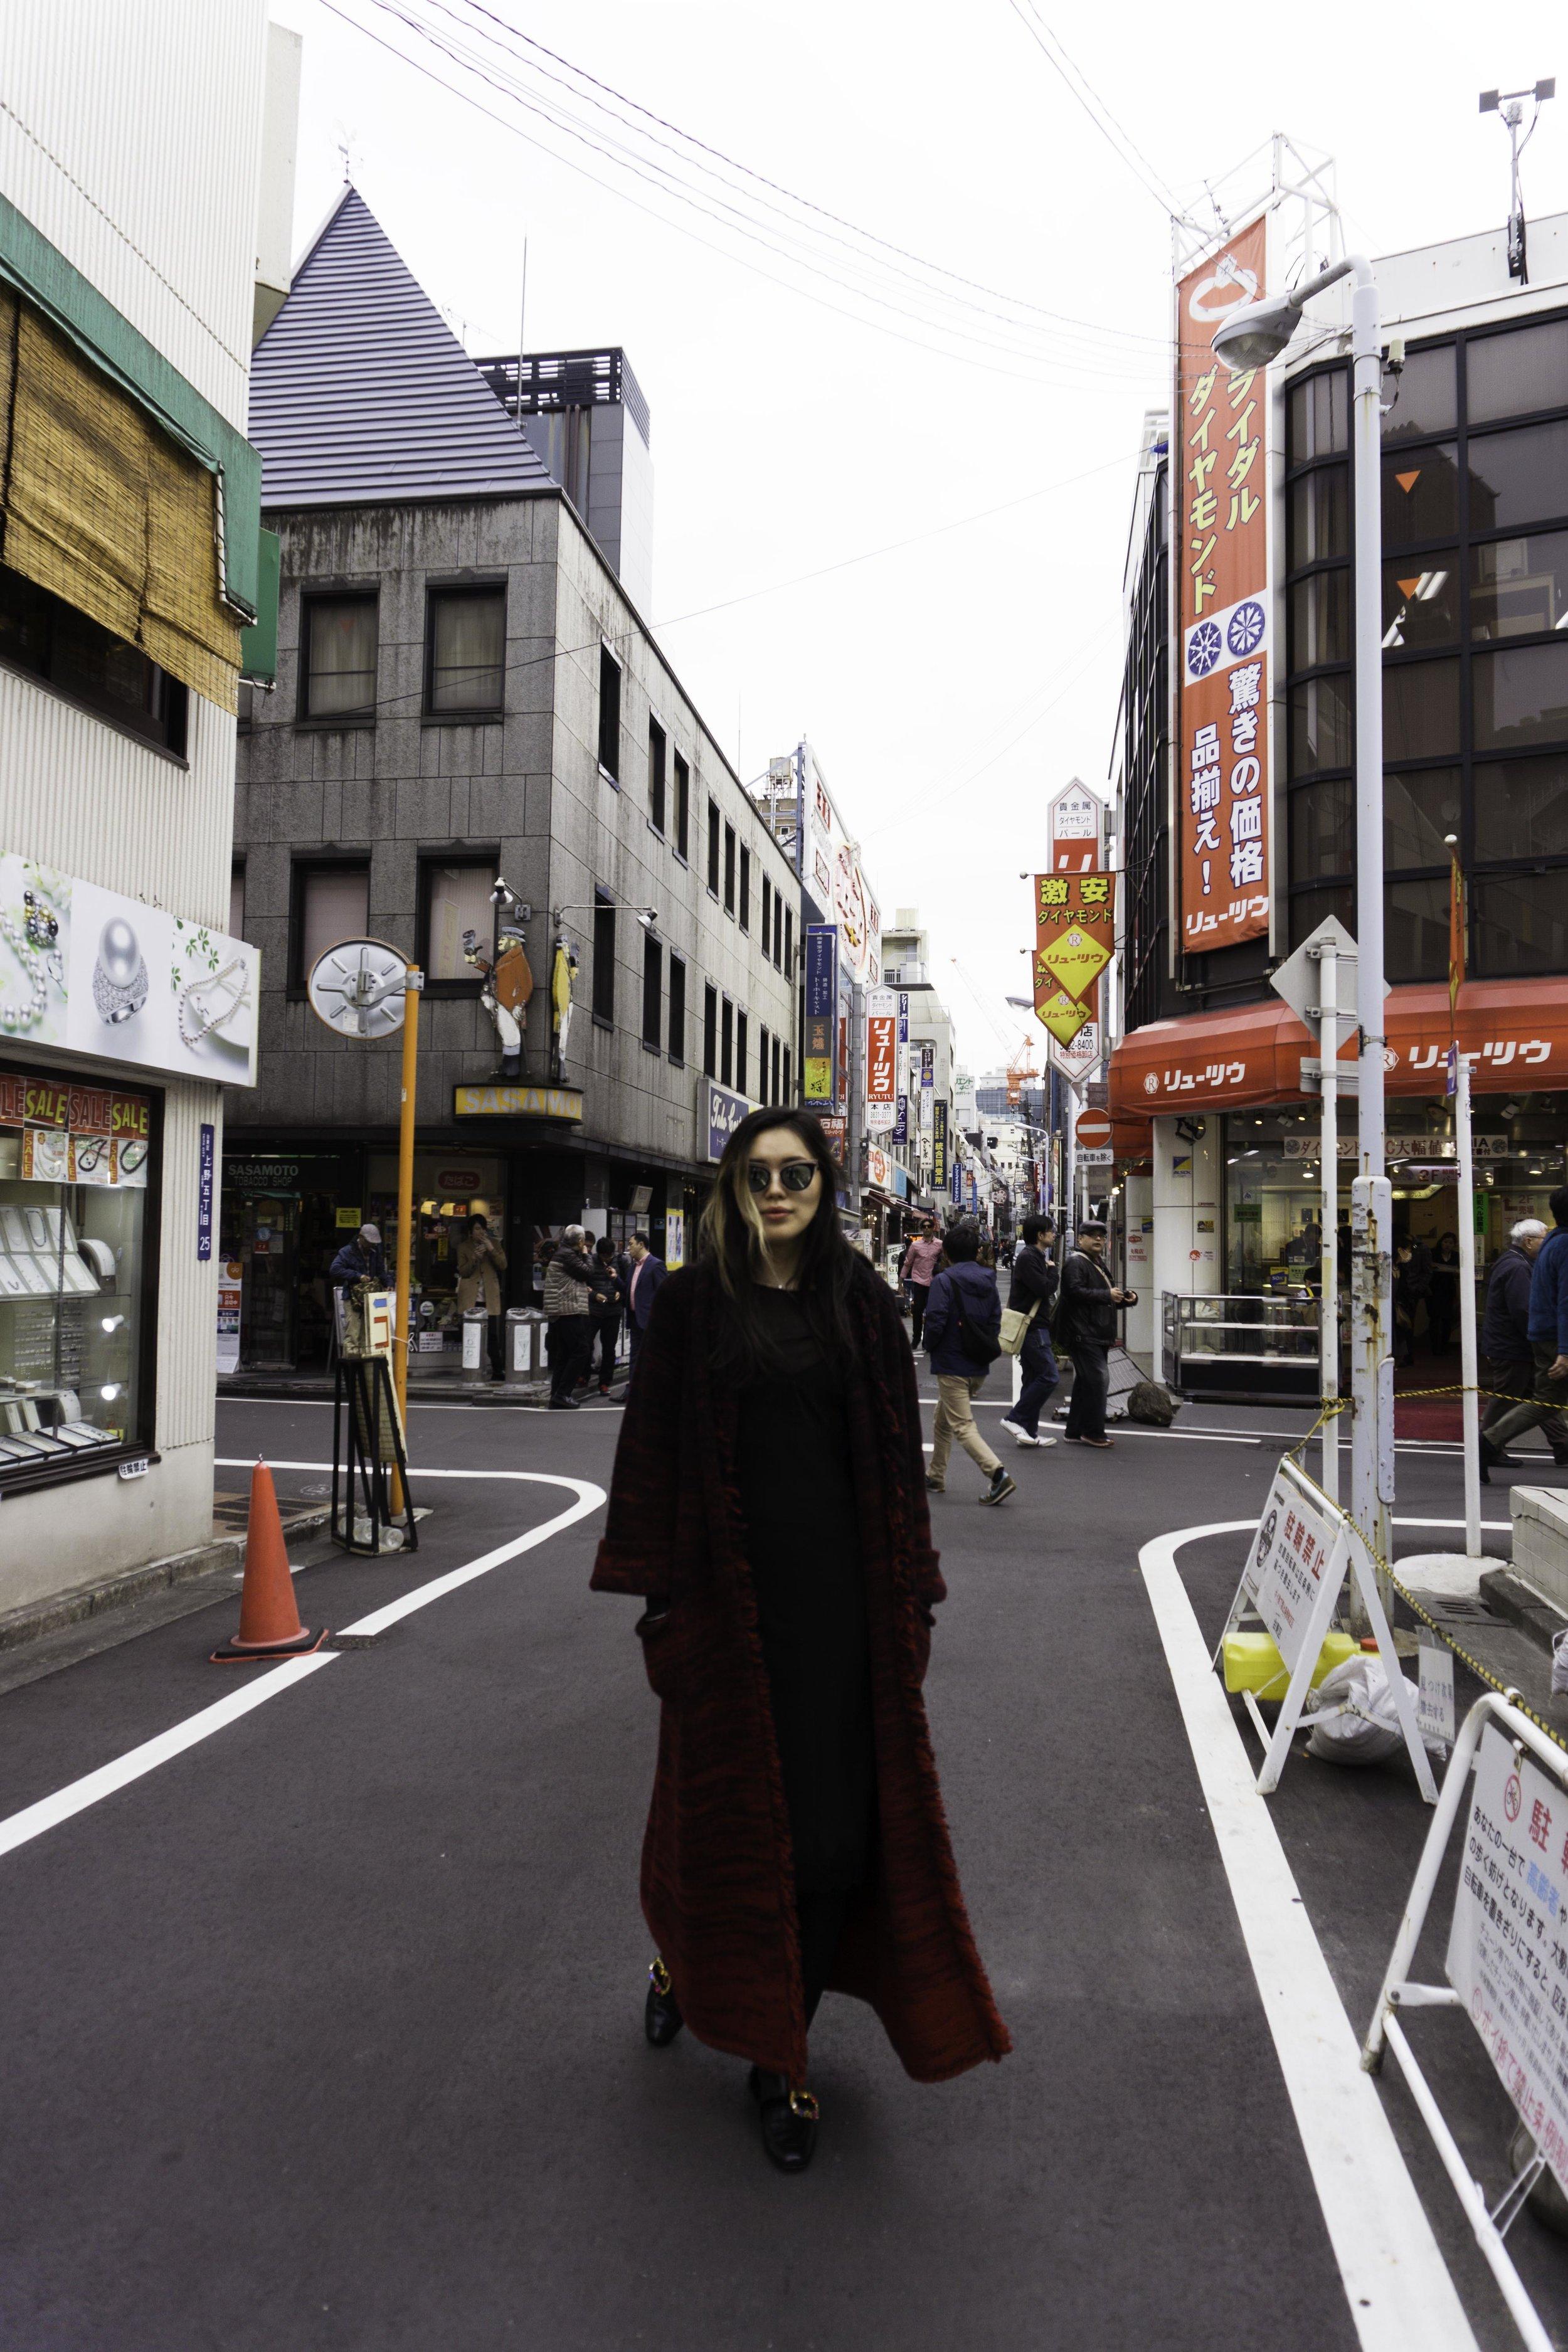 MANDKHAI in tokyo - pimp coat in red aw18